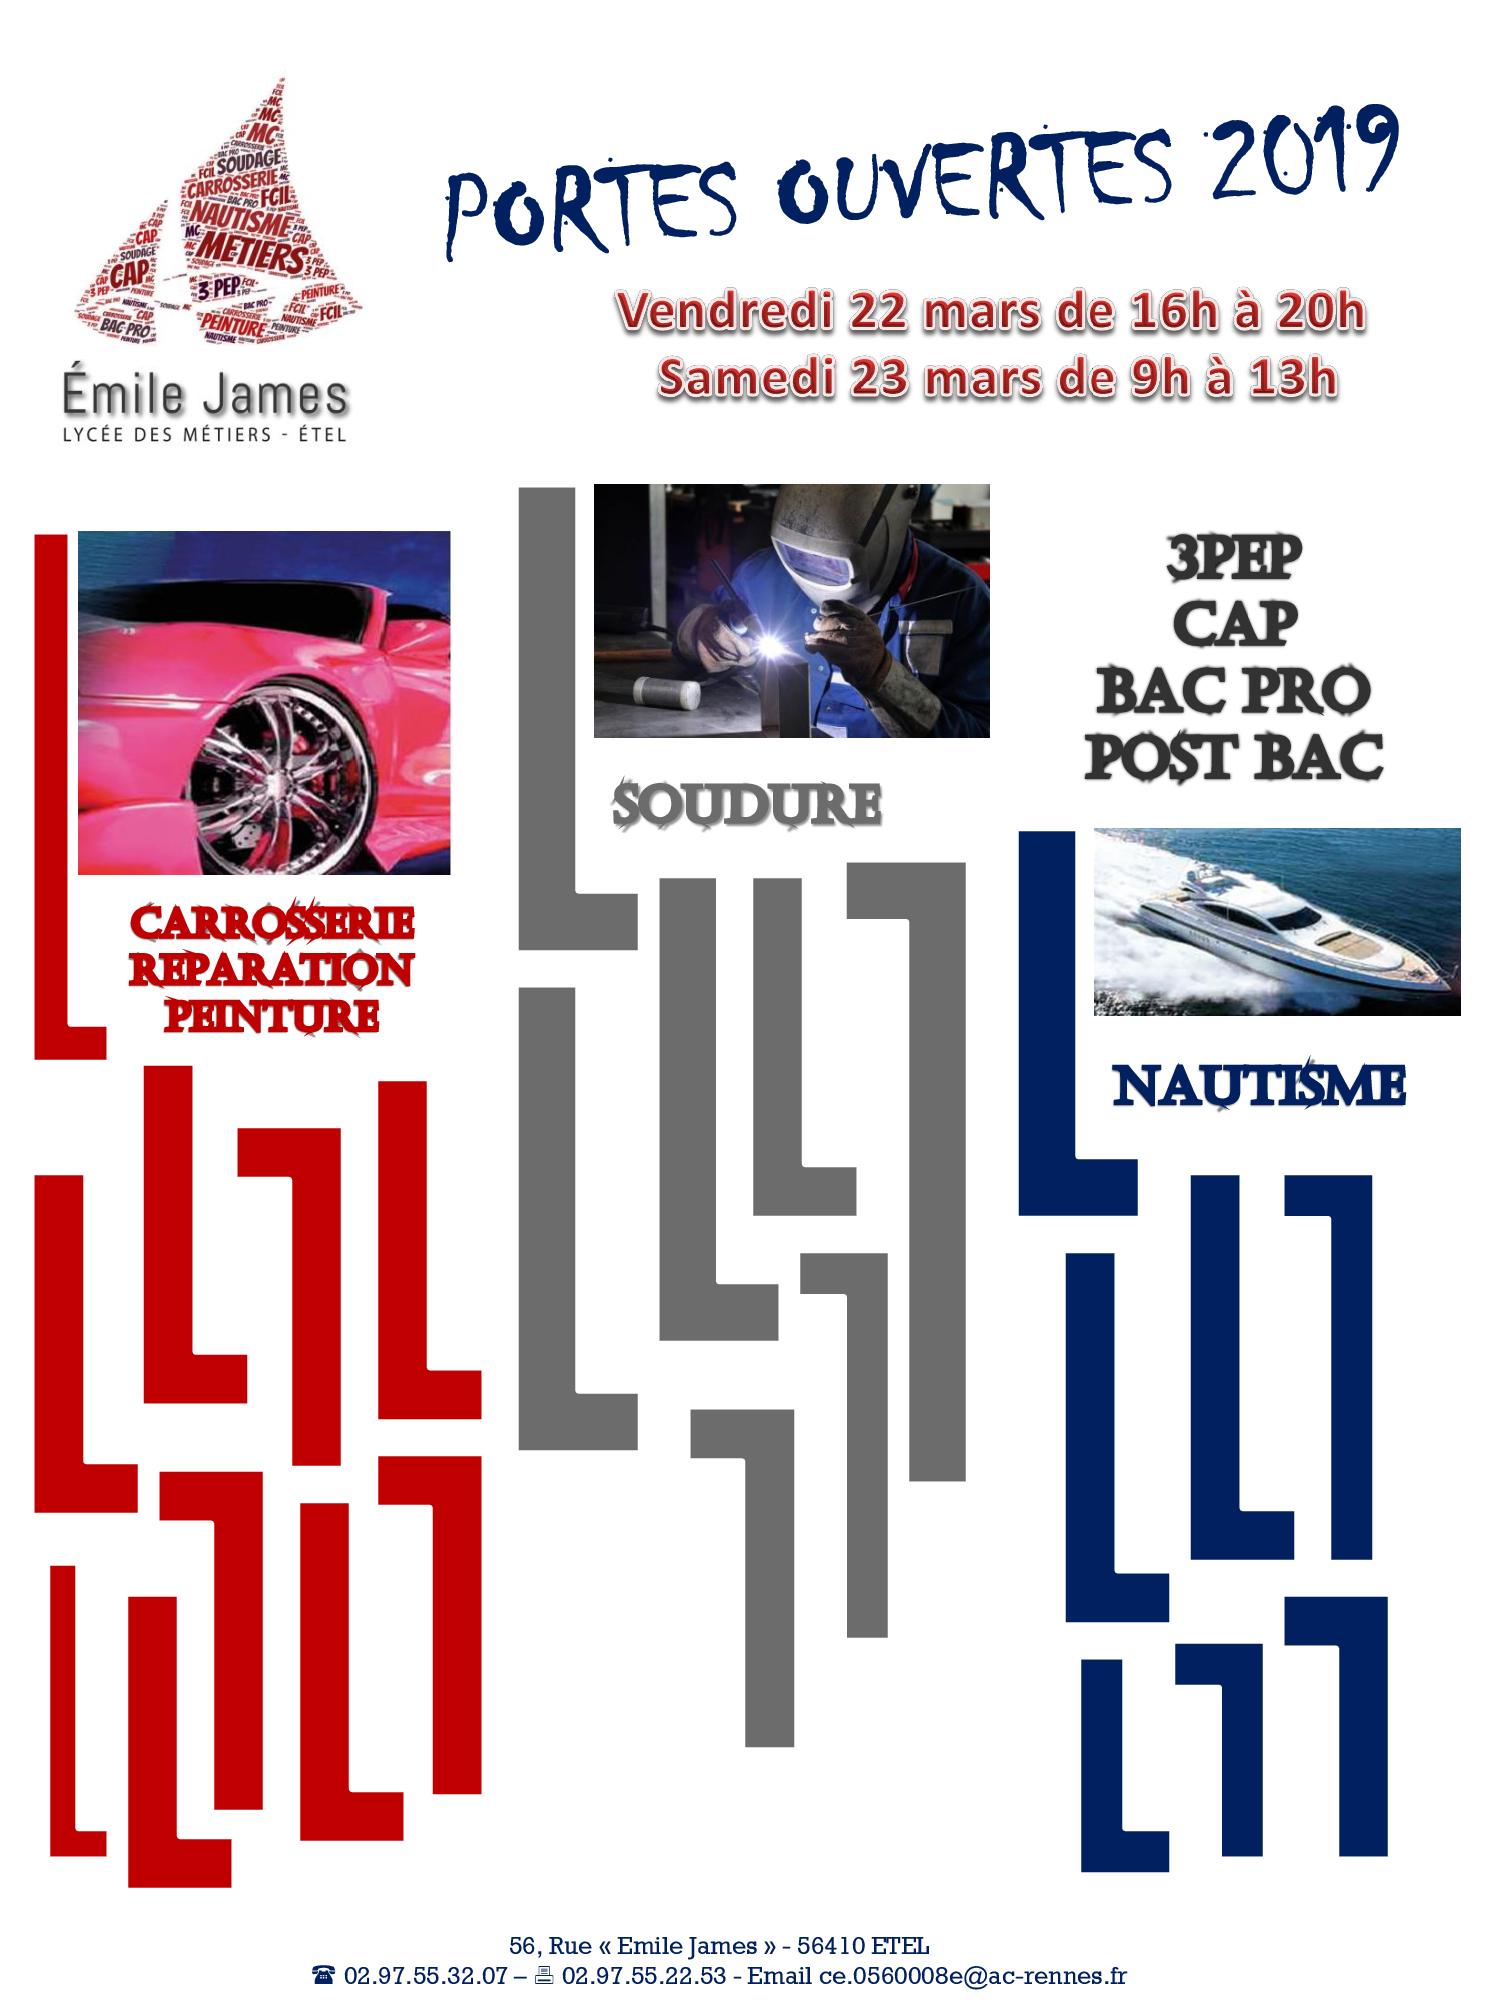 Affiche Portes Ouvertes 2019 Lycée Professionnel Emile James Etel